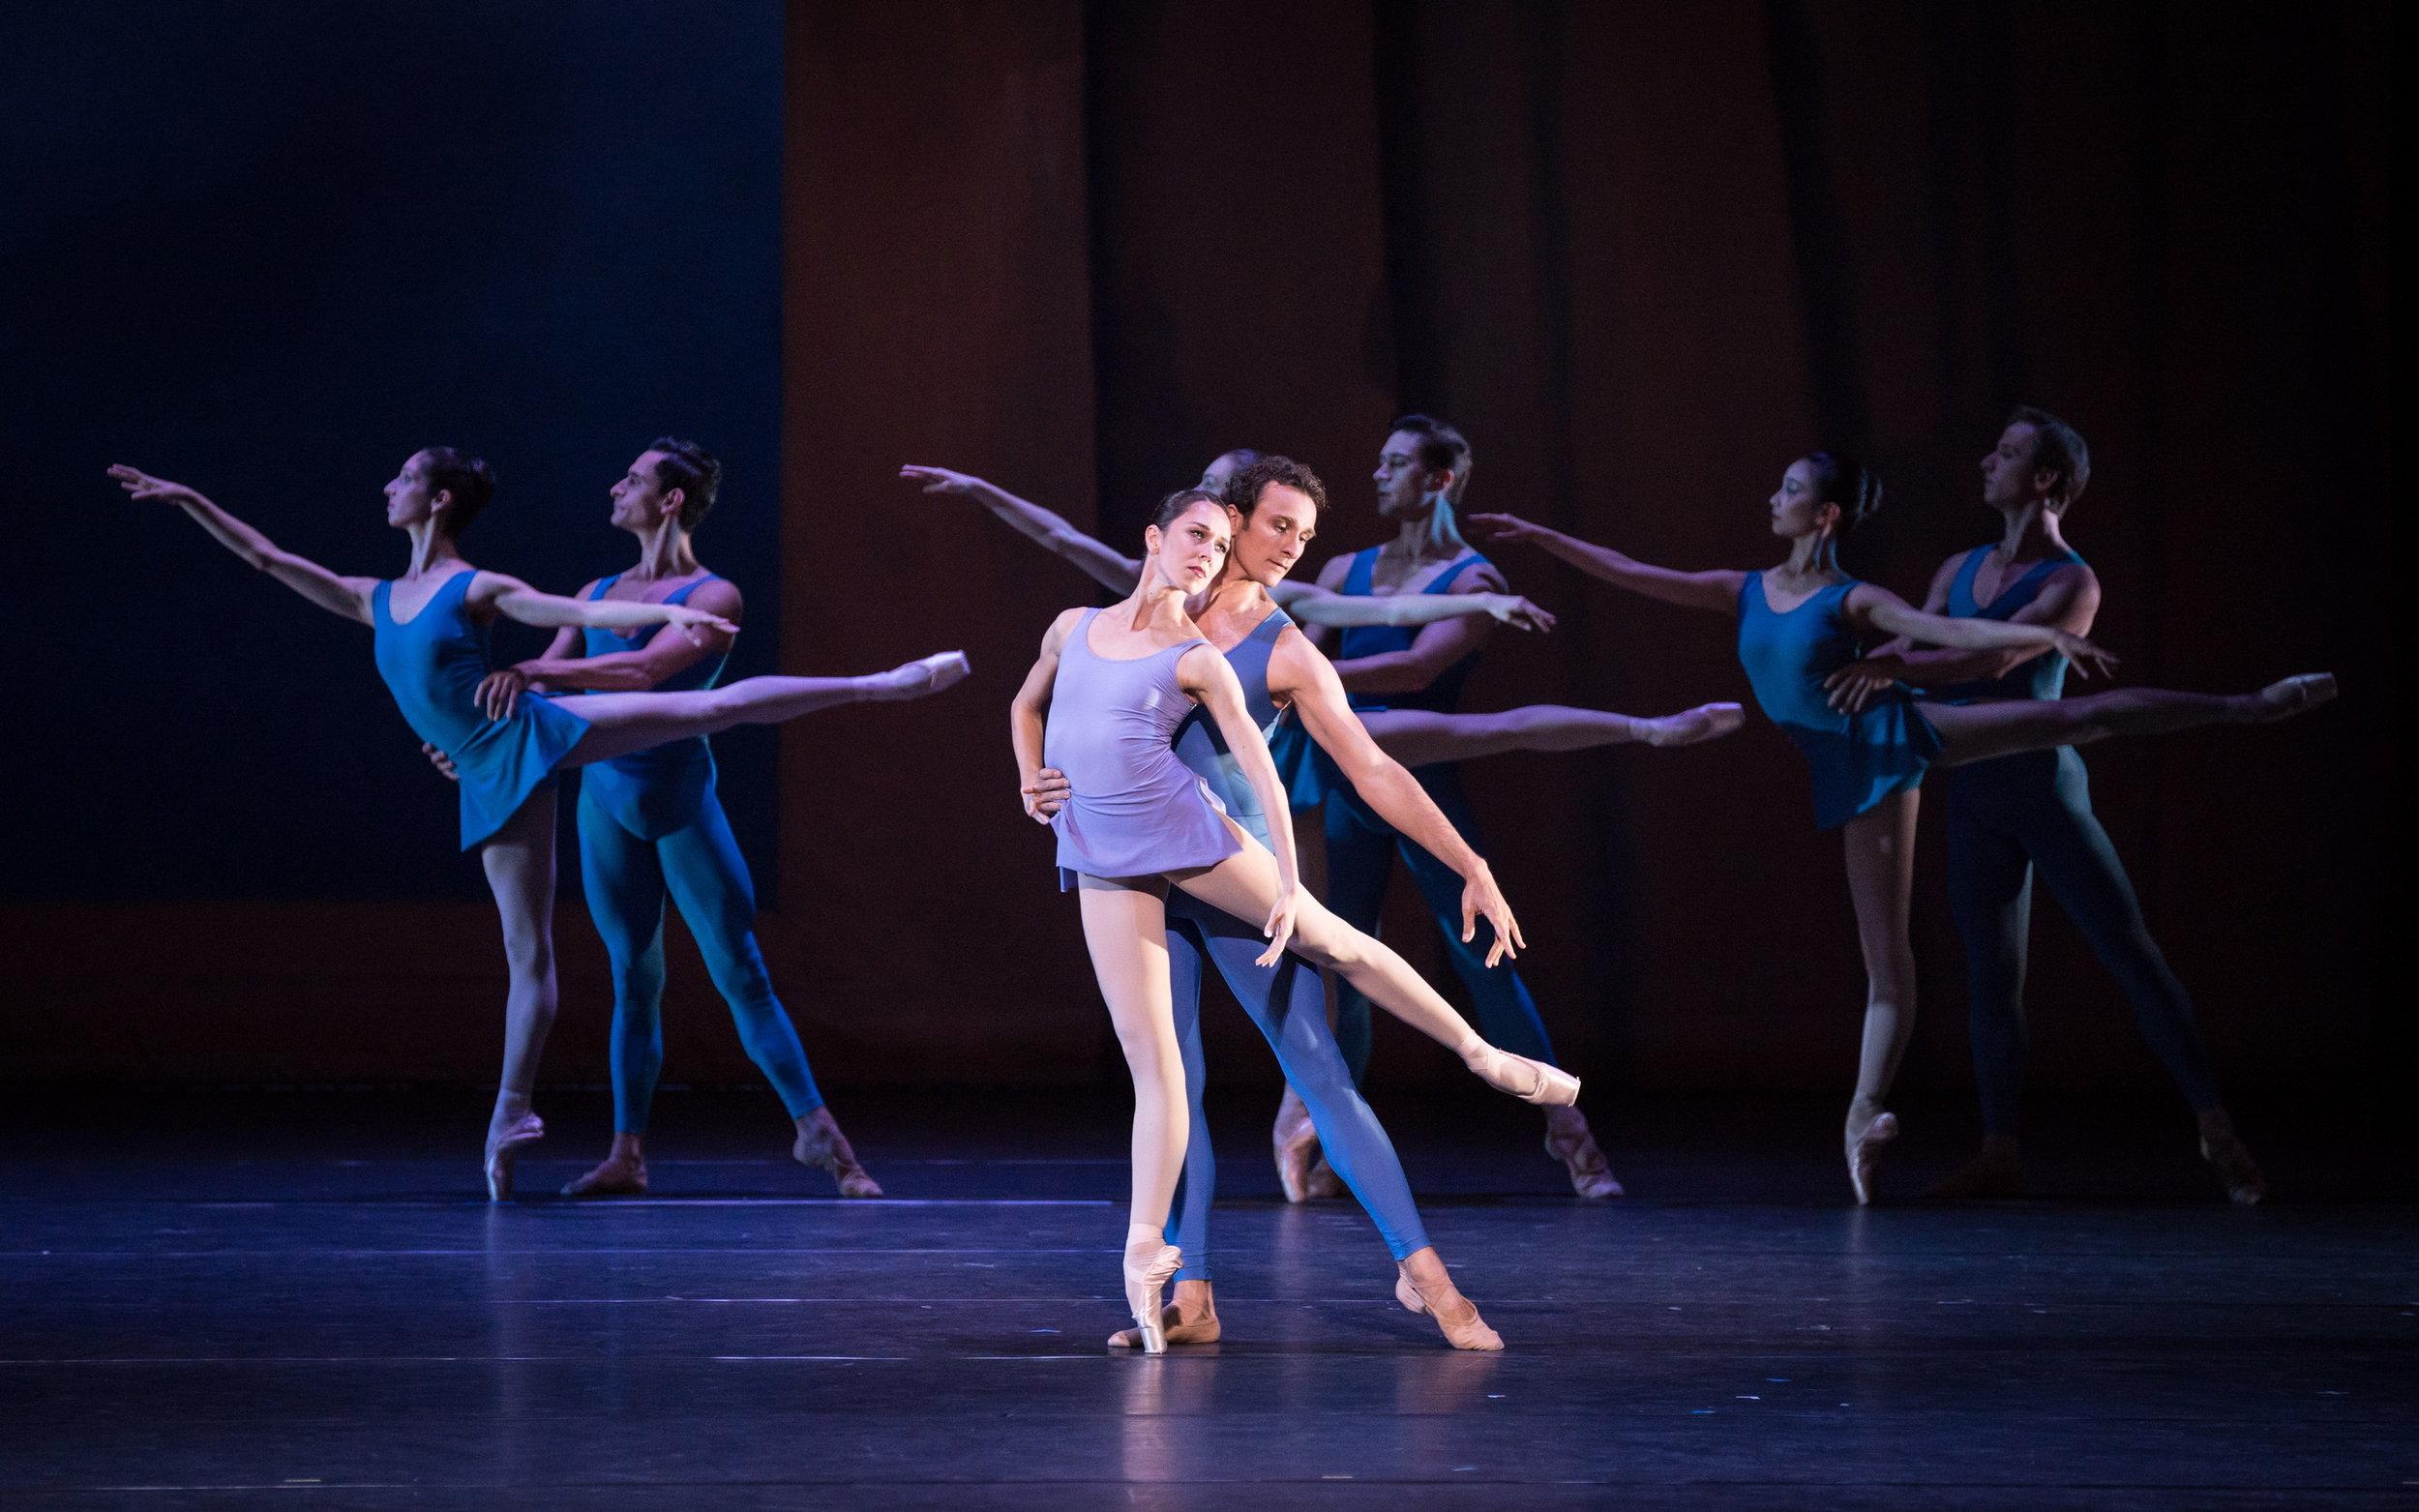 Nina Poláková and Roman Lazik. Copyright: Vienna State Ballet/Ashley Taylor